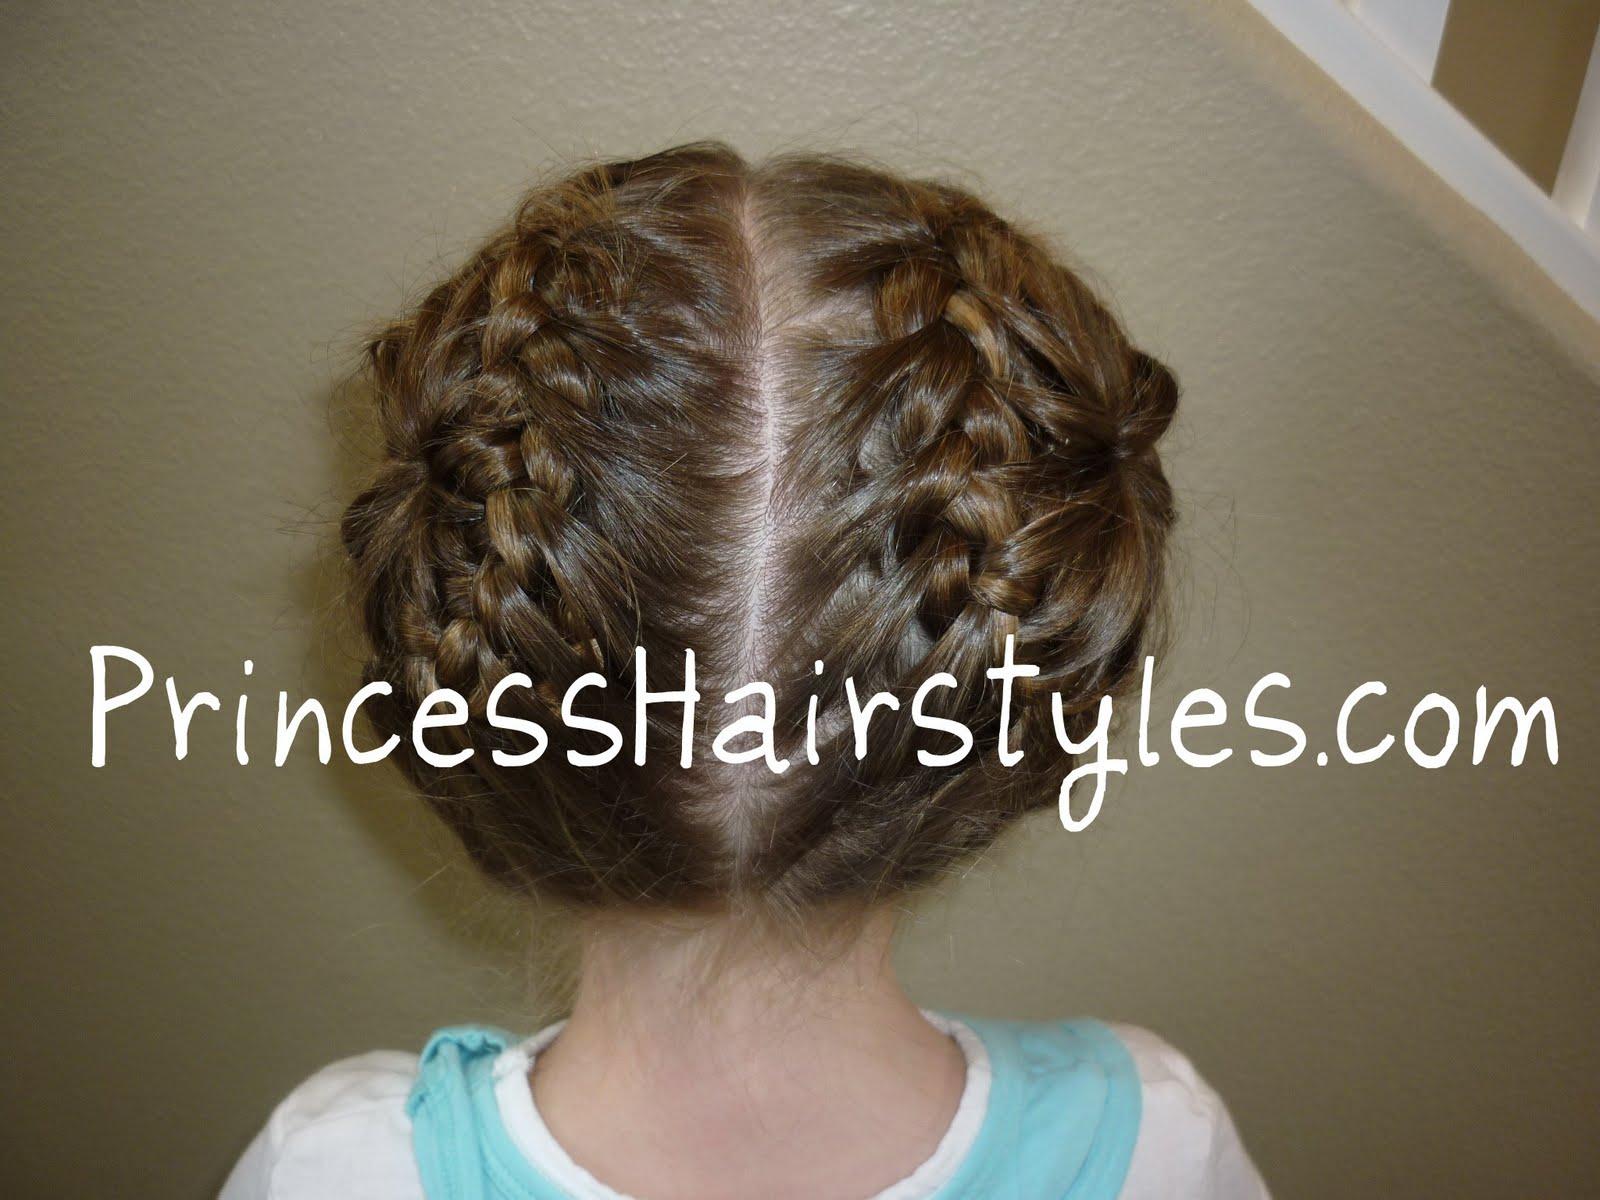 Princess Leia Hairstyles